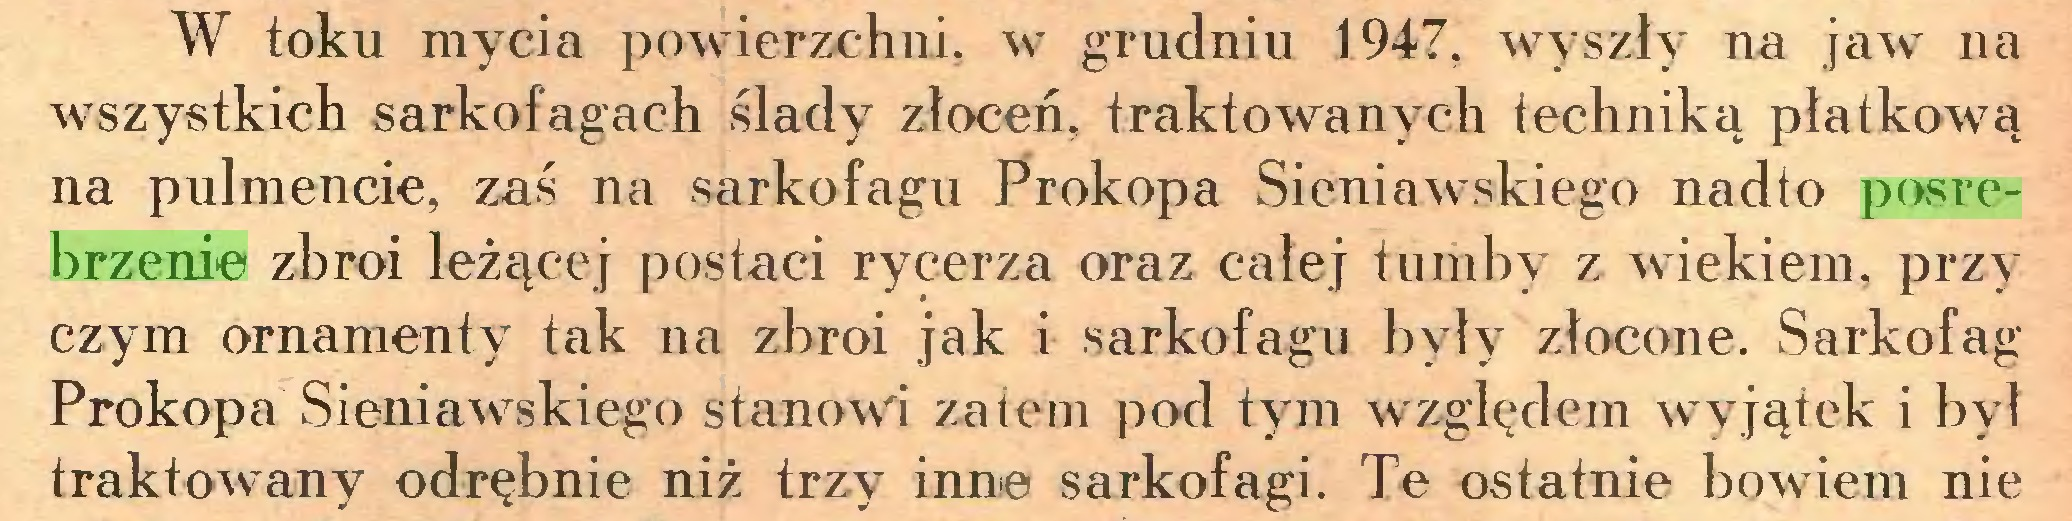 (...) W toku mycia powierzchni, w grudniu 1947, wyszły na jaw na wszystkich sarkofagach ślady złoceń, traktowanych techniką płatkową na pulmencie, zaś na sarkofagu Prokopa Sieniawskiego nadto posrebrzenie zbroi leżącej postaci rycerza oraz całej tumby z wiekiem, przy czym ornamenty tak na zbroi jak i sarkofagu były złocone. Sarkofag Prokopa Sieniawskiego stanowi zatem pod tym względem wyjątek i był traktowany odrębnie niż trzy inne sarkofagi. Te ostatnie bowiem nie...